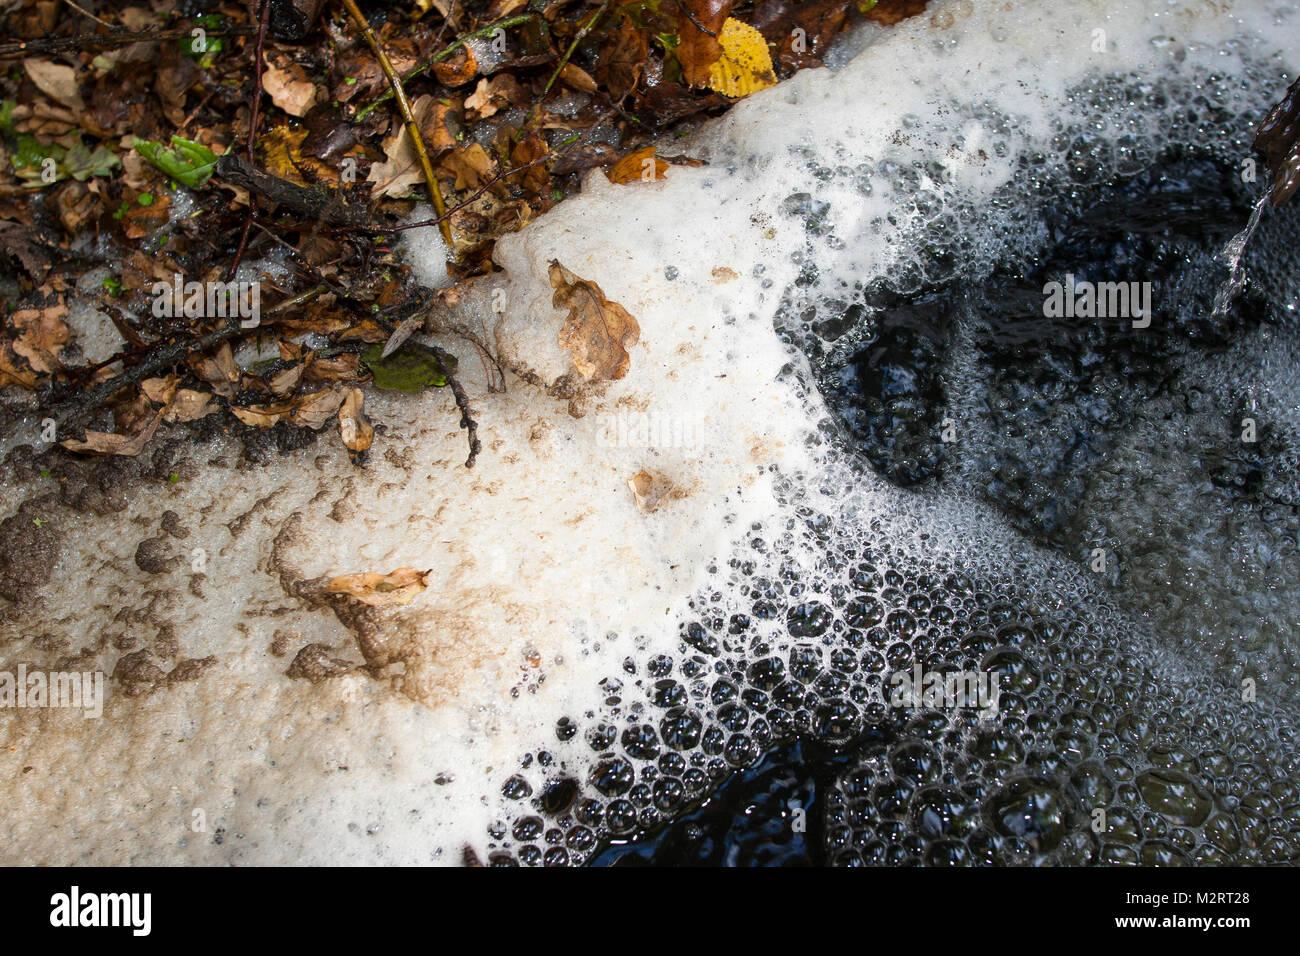 Schaum, Schaumbildung in einem Bach, Wasseroberfläche, scum, foam, spume, foam formation, frothing formation - Stock Image